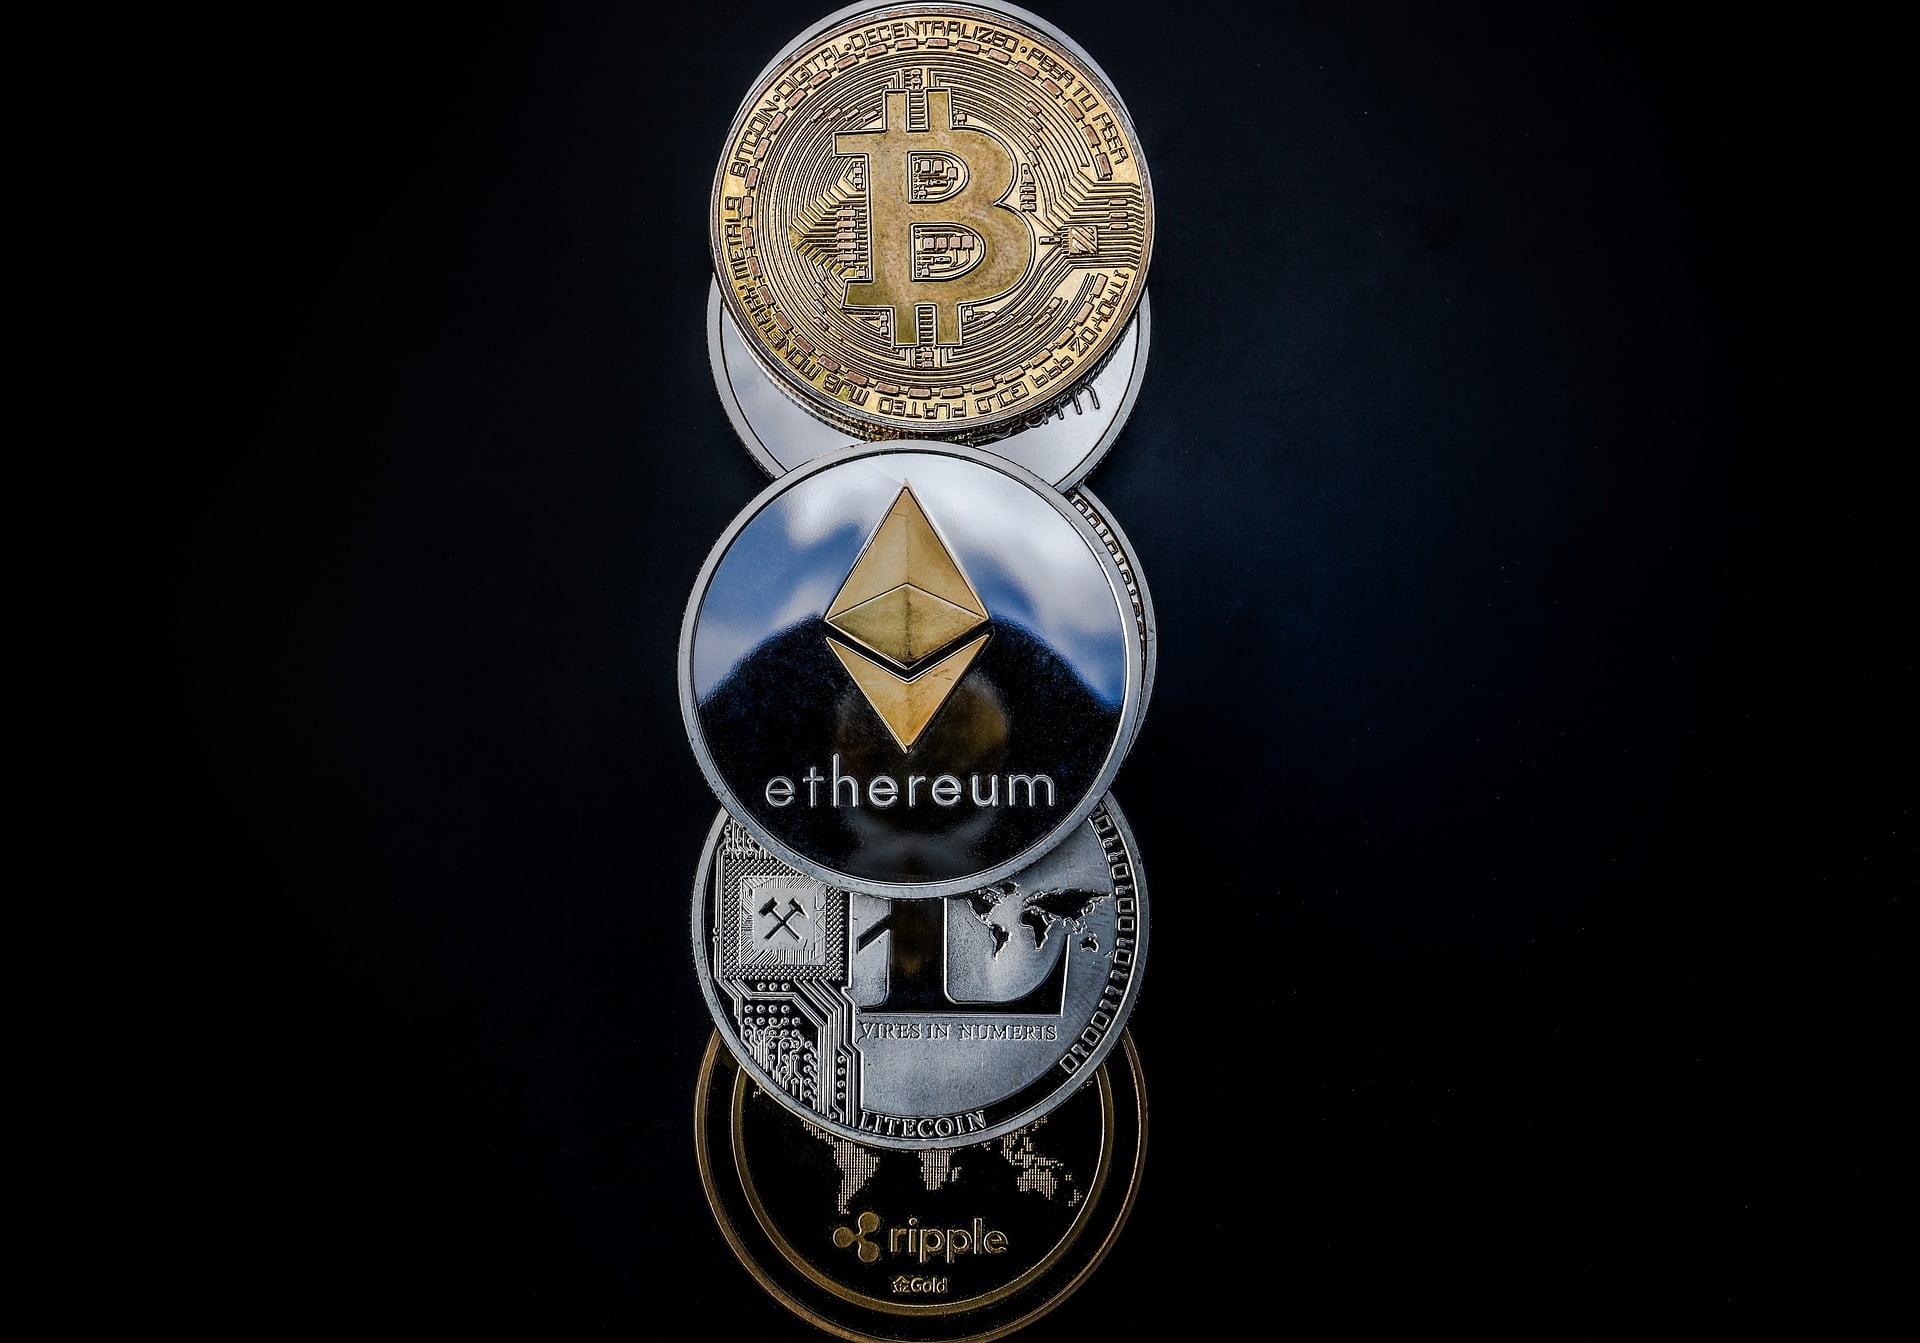 cum să faci ethereum fără investiții cum să câștigi bani cu videoclipurile blockcan